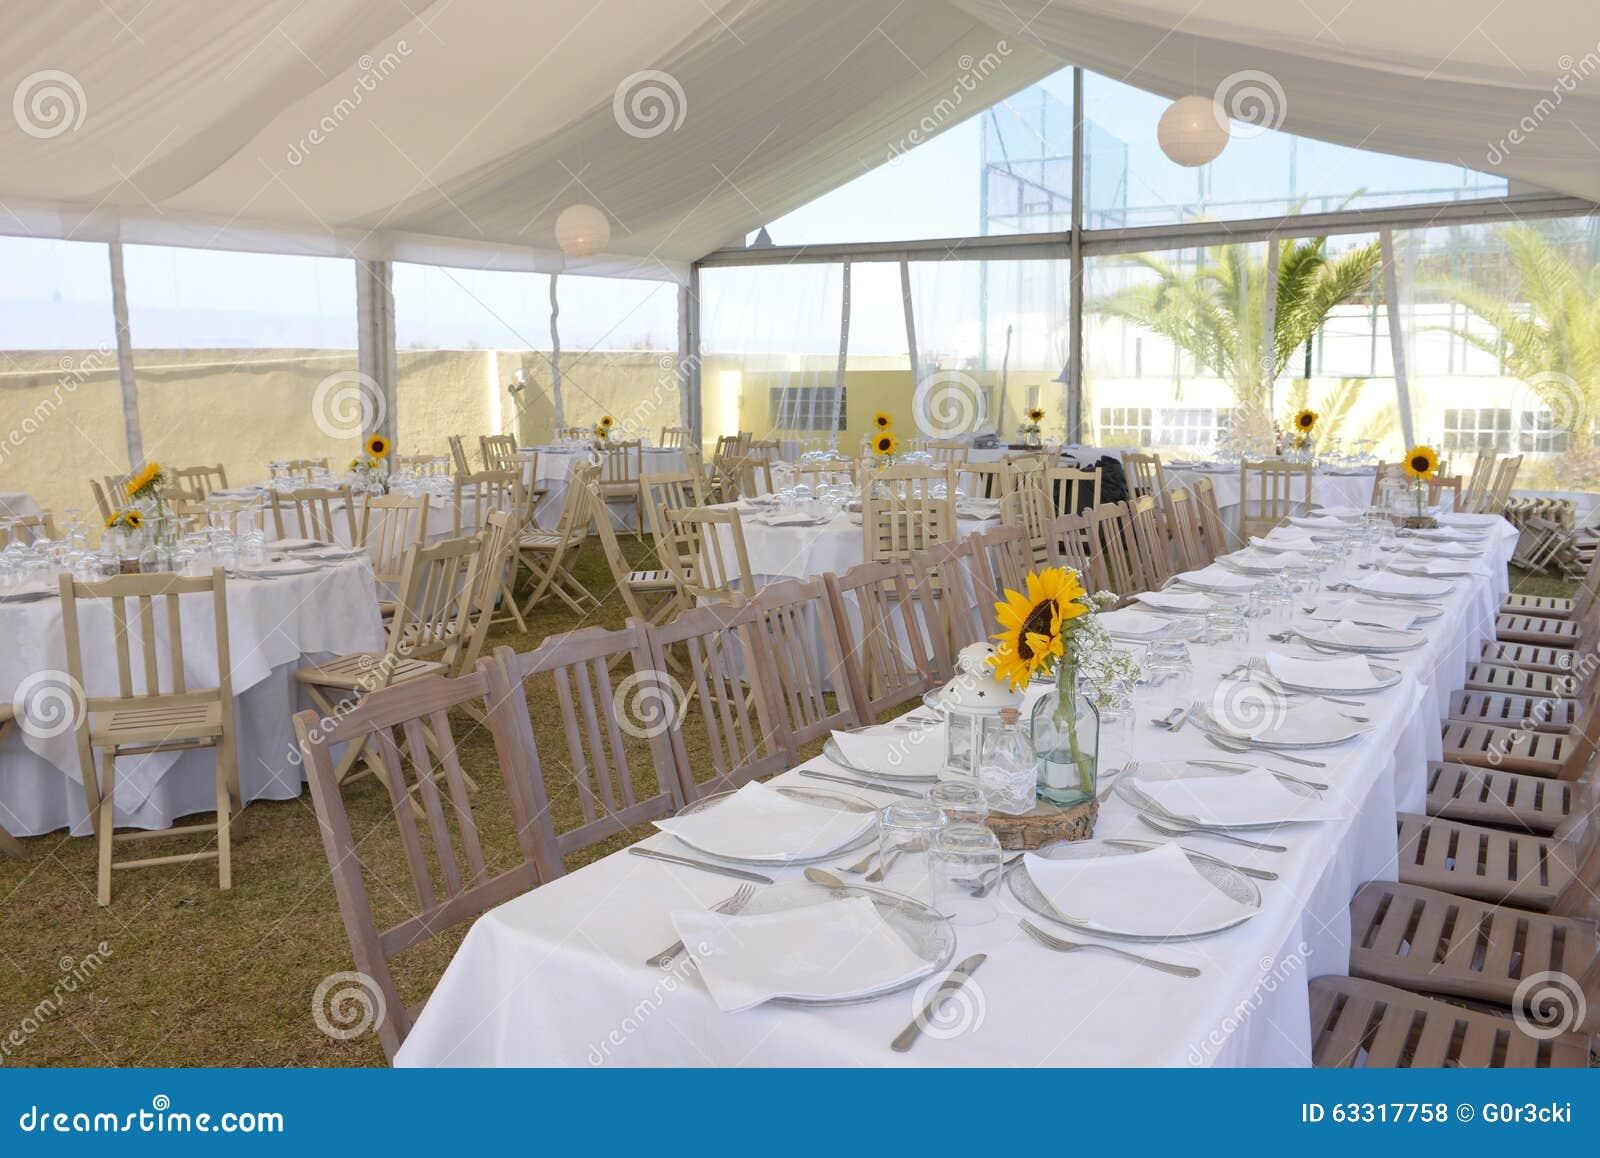 girasoles en los manteles blancos decoracin del banquete de boda evento foto de archivo